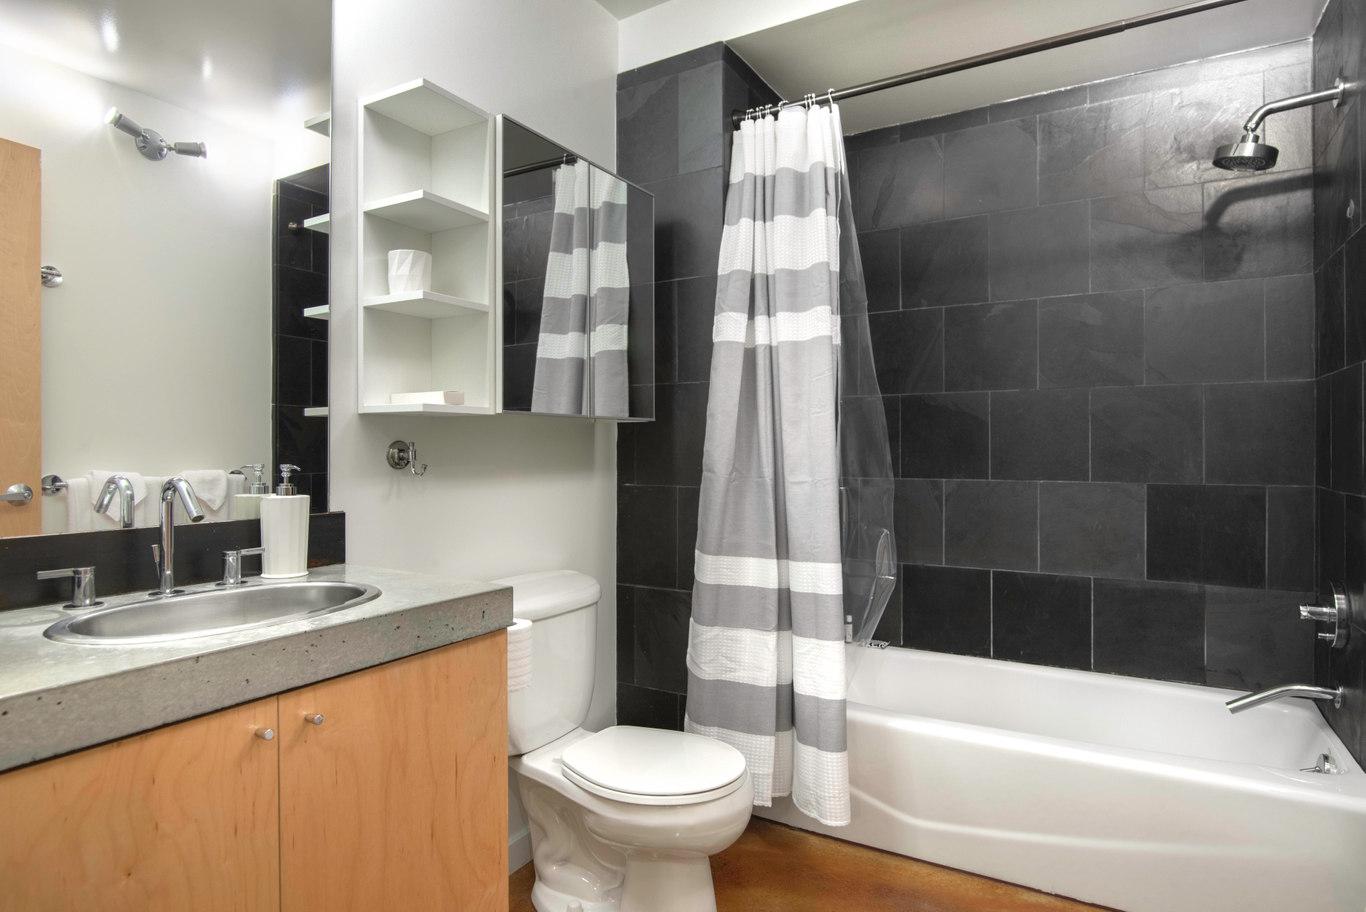 Bathroom at Glasdore Lofts Apartment